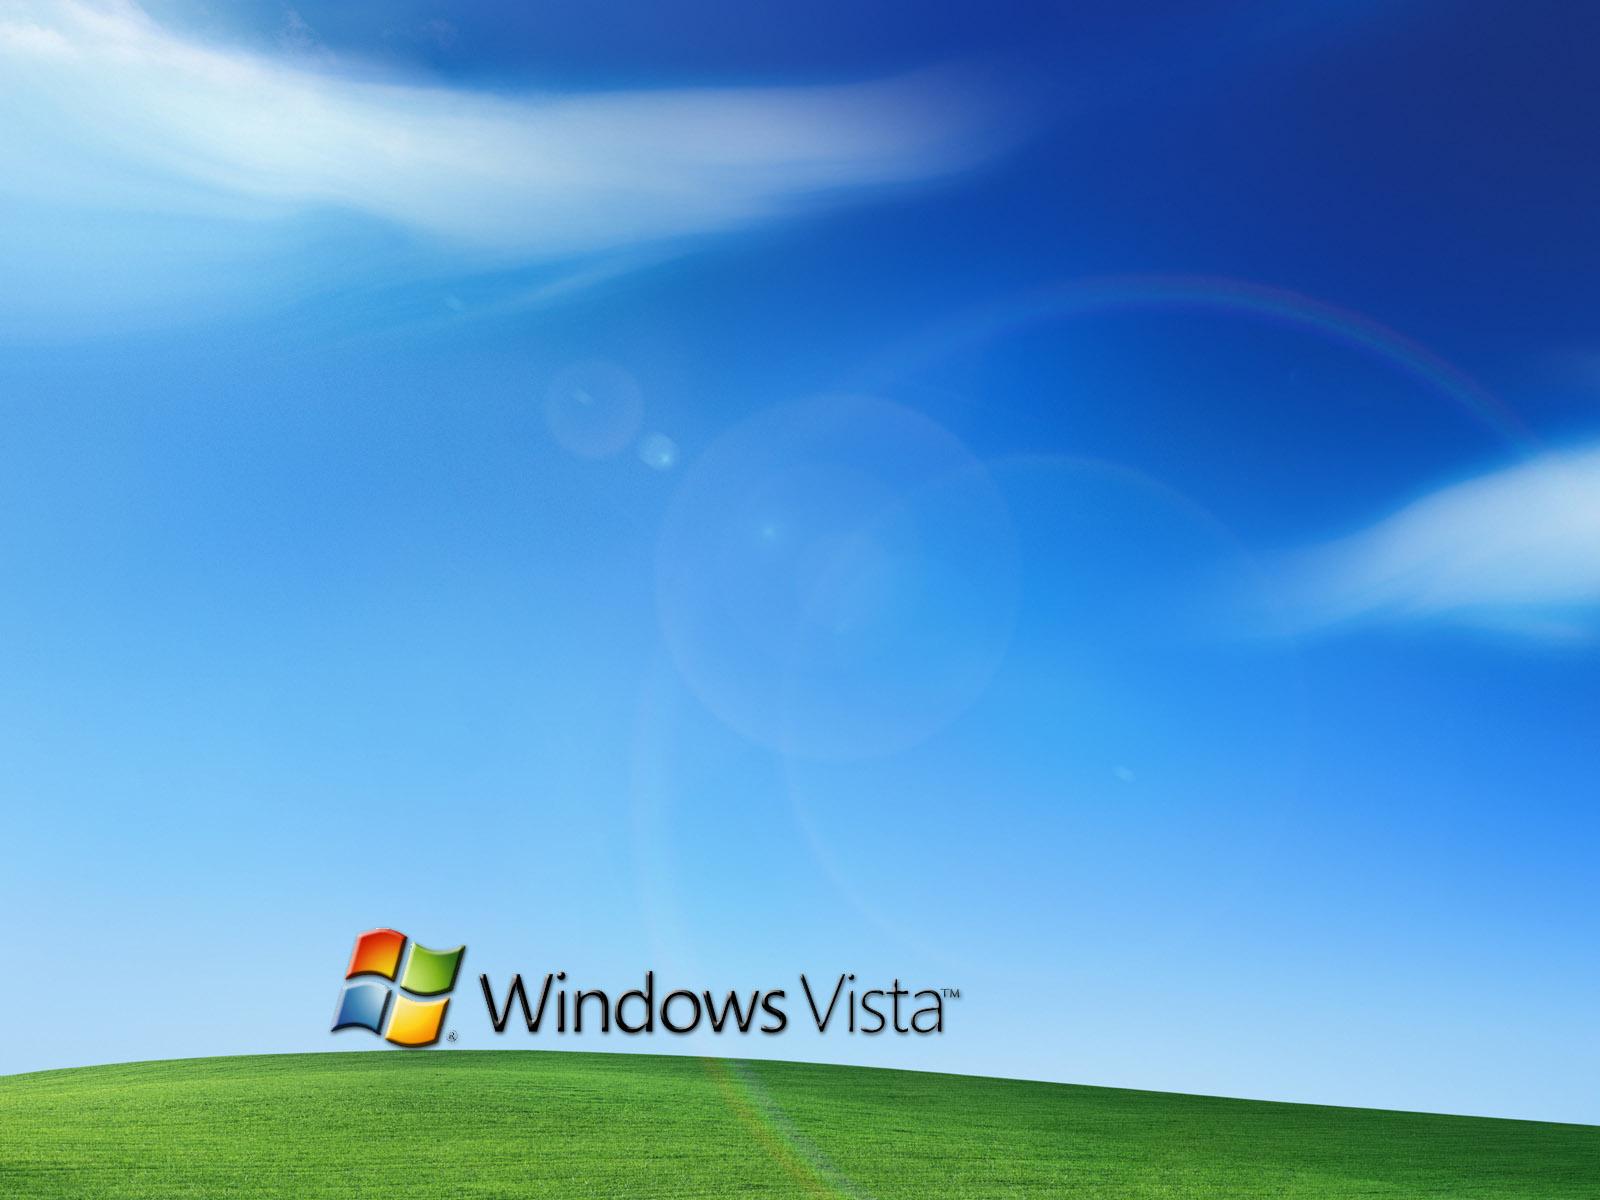 http://2.bp.blogspot.com/-4xScCZeWNVk/Tbl2BGtimyI/AAAAAAAAHu4/L2VnFVZ-2JU/s1600/alimel-windows-vista-wallpaper%2B1.jpg